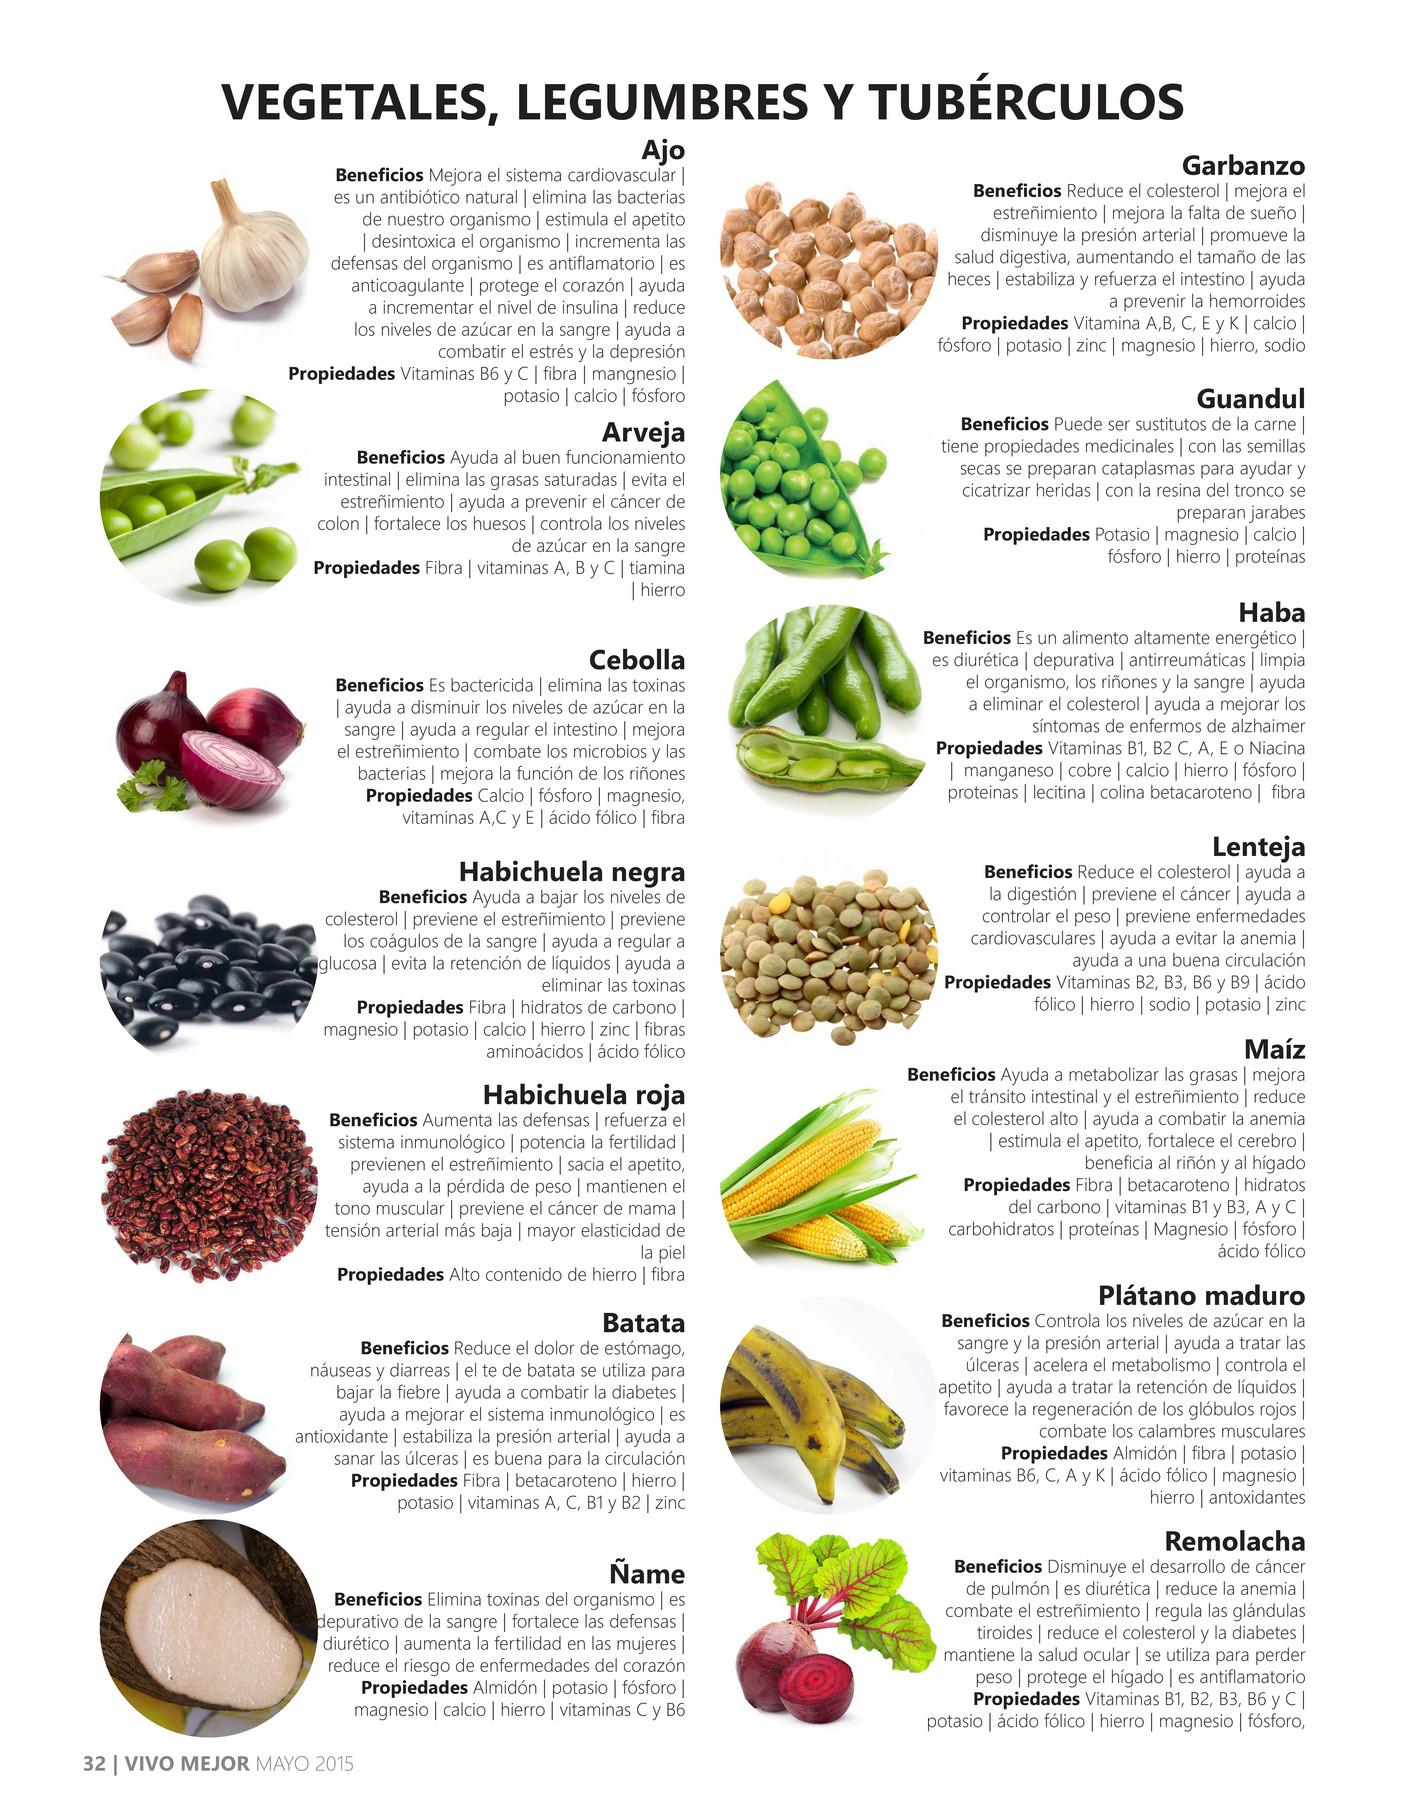 alto contenido de vitamina b12 y diabetes